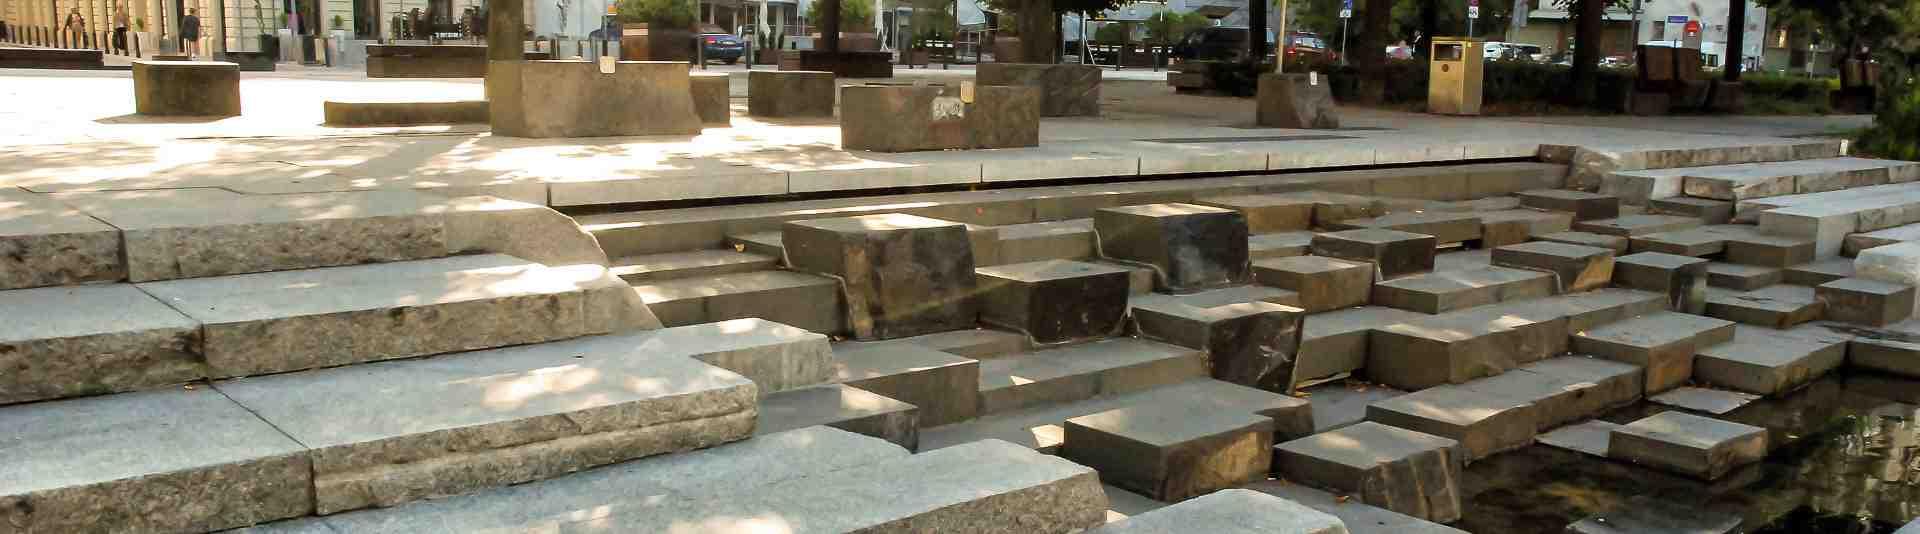 Rewitalizacja Placu Grzybowskiego